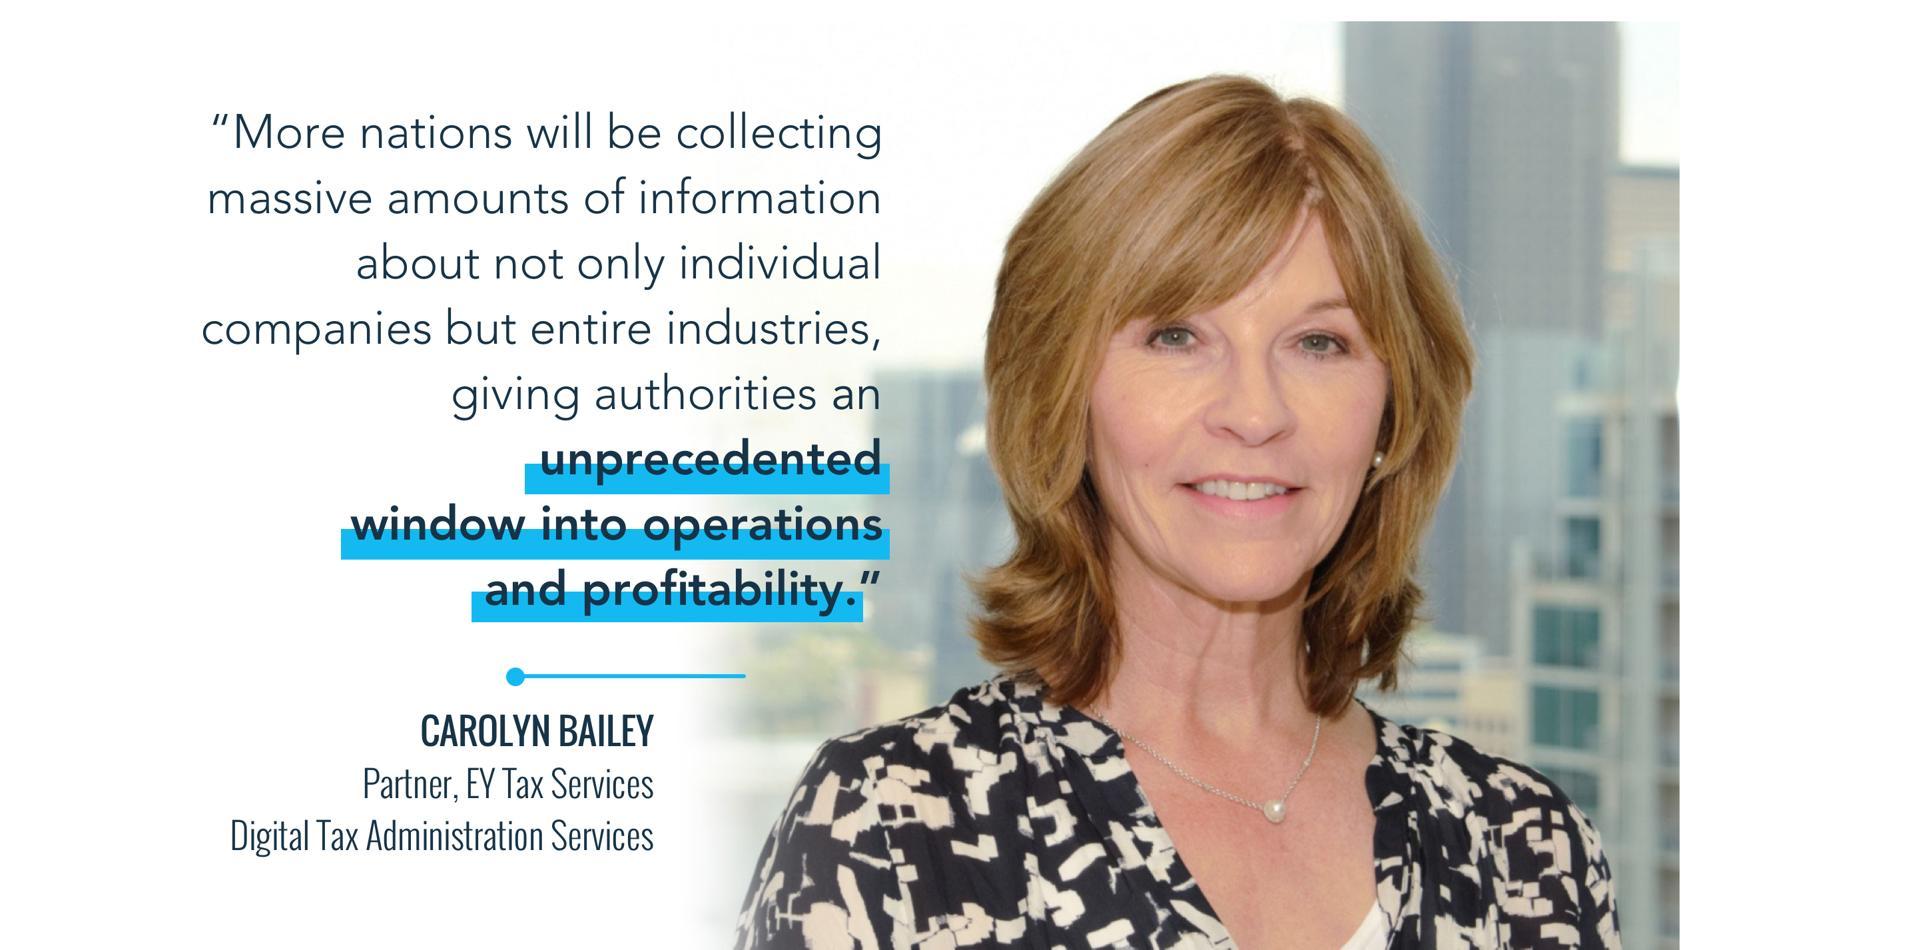 enemmän kansakuntia kerätään valtavia määriä informaatiota paitsi yksittäisistä yrityksistä, myös koko teollisuudesta, antamalla viranomaisille ennennäkemätön ikkuna toimintaan ja kannattavuuteen.